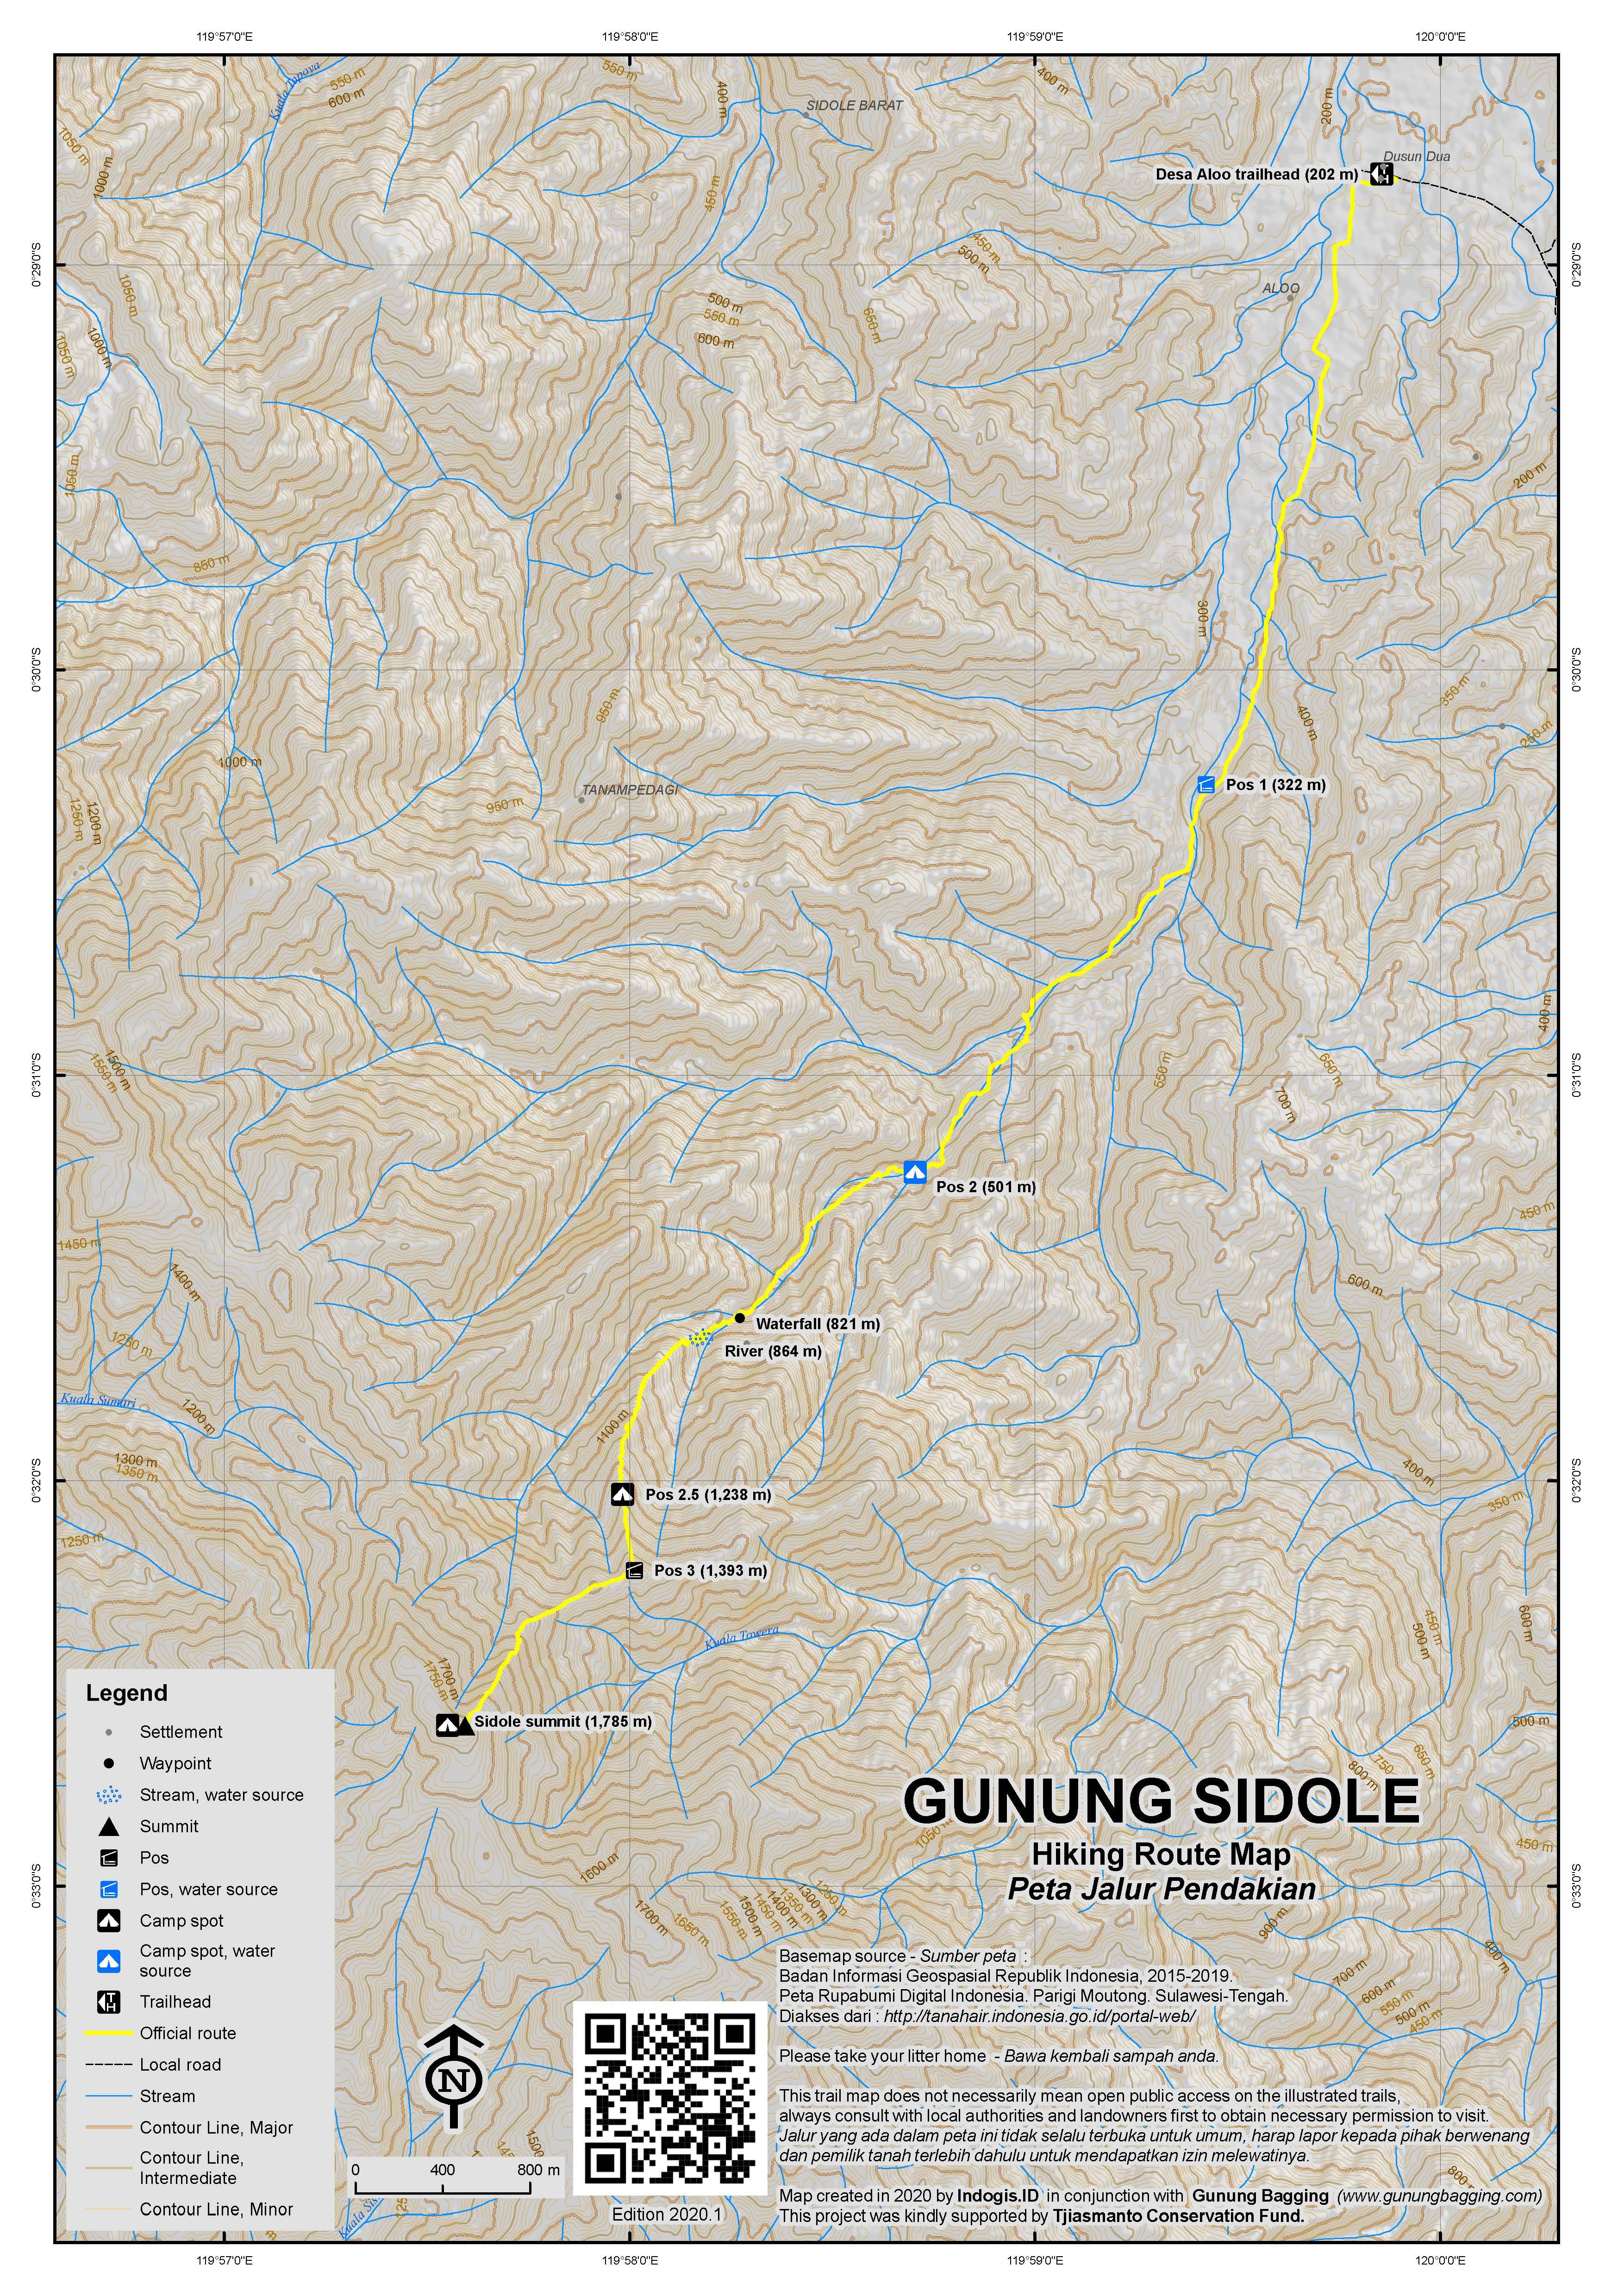 Peta Jalur Pendakian Gunung Sidole